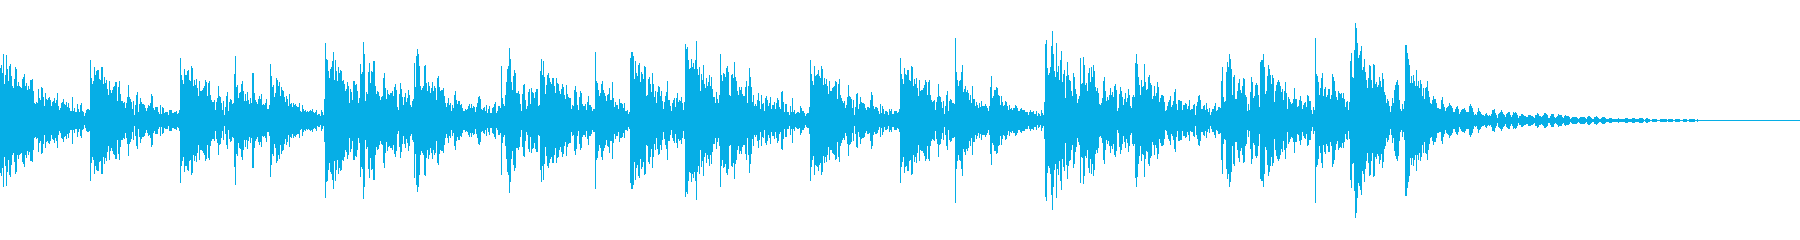 盆踊り、音頭、和太鼓ドンドンドン定番打ちの再生済みの波形